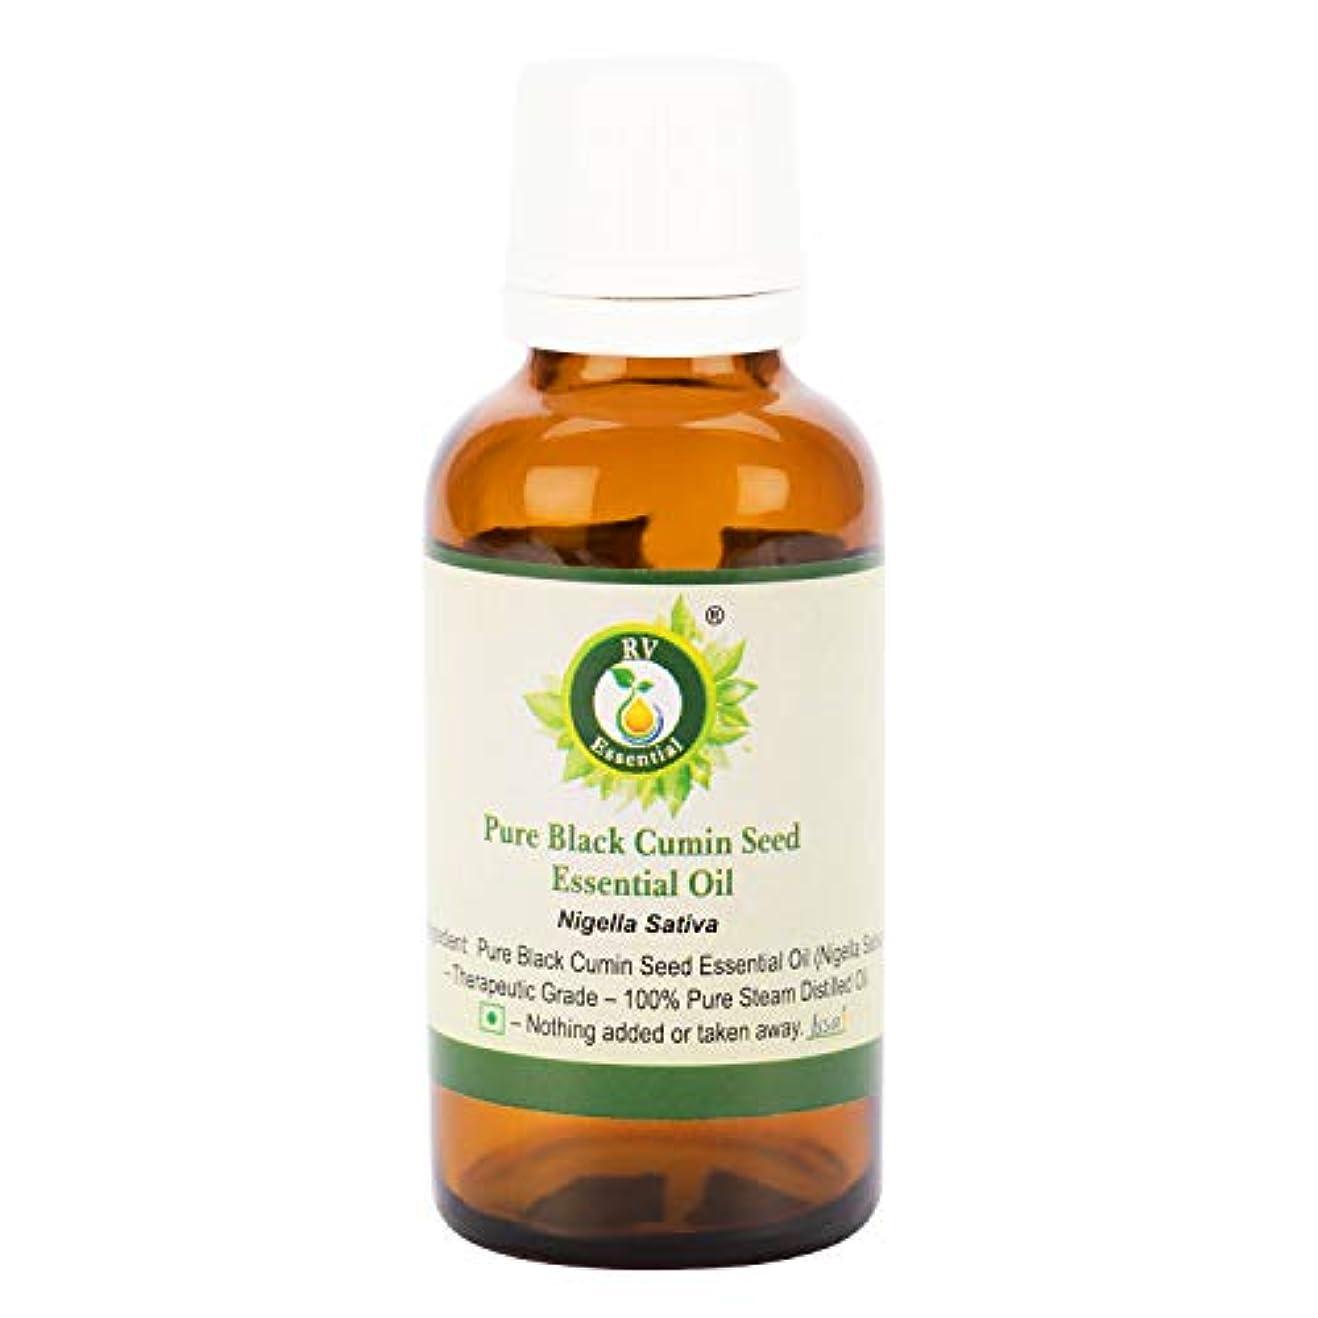 世界の窓不条理未就学ピュアブラッククミンシードエッセンシャルオイル5ml (0.169oz)- Nigella Sativa (100%純粋&天然スチームDistilled) Pure Black Cumin Seed Essential...